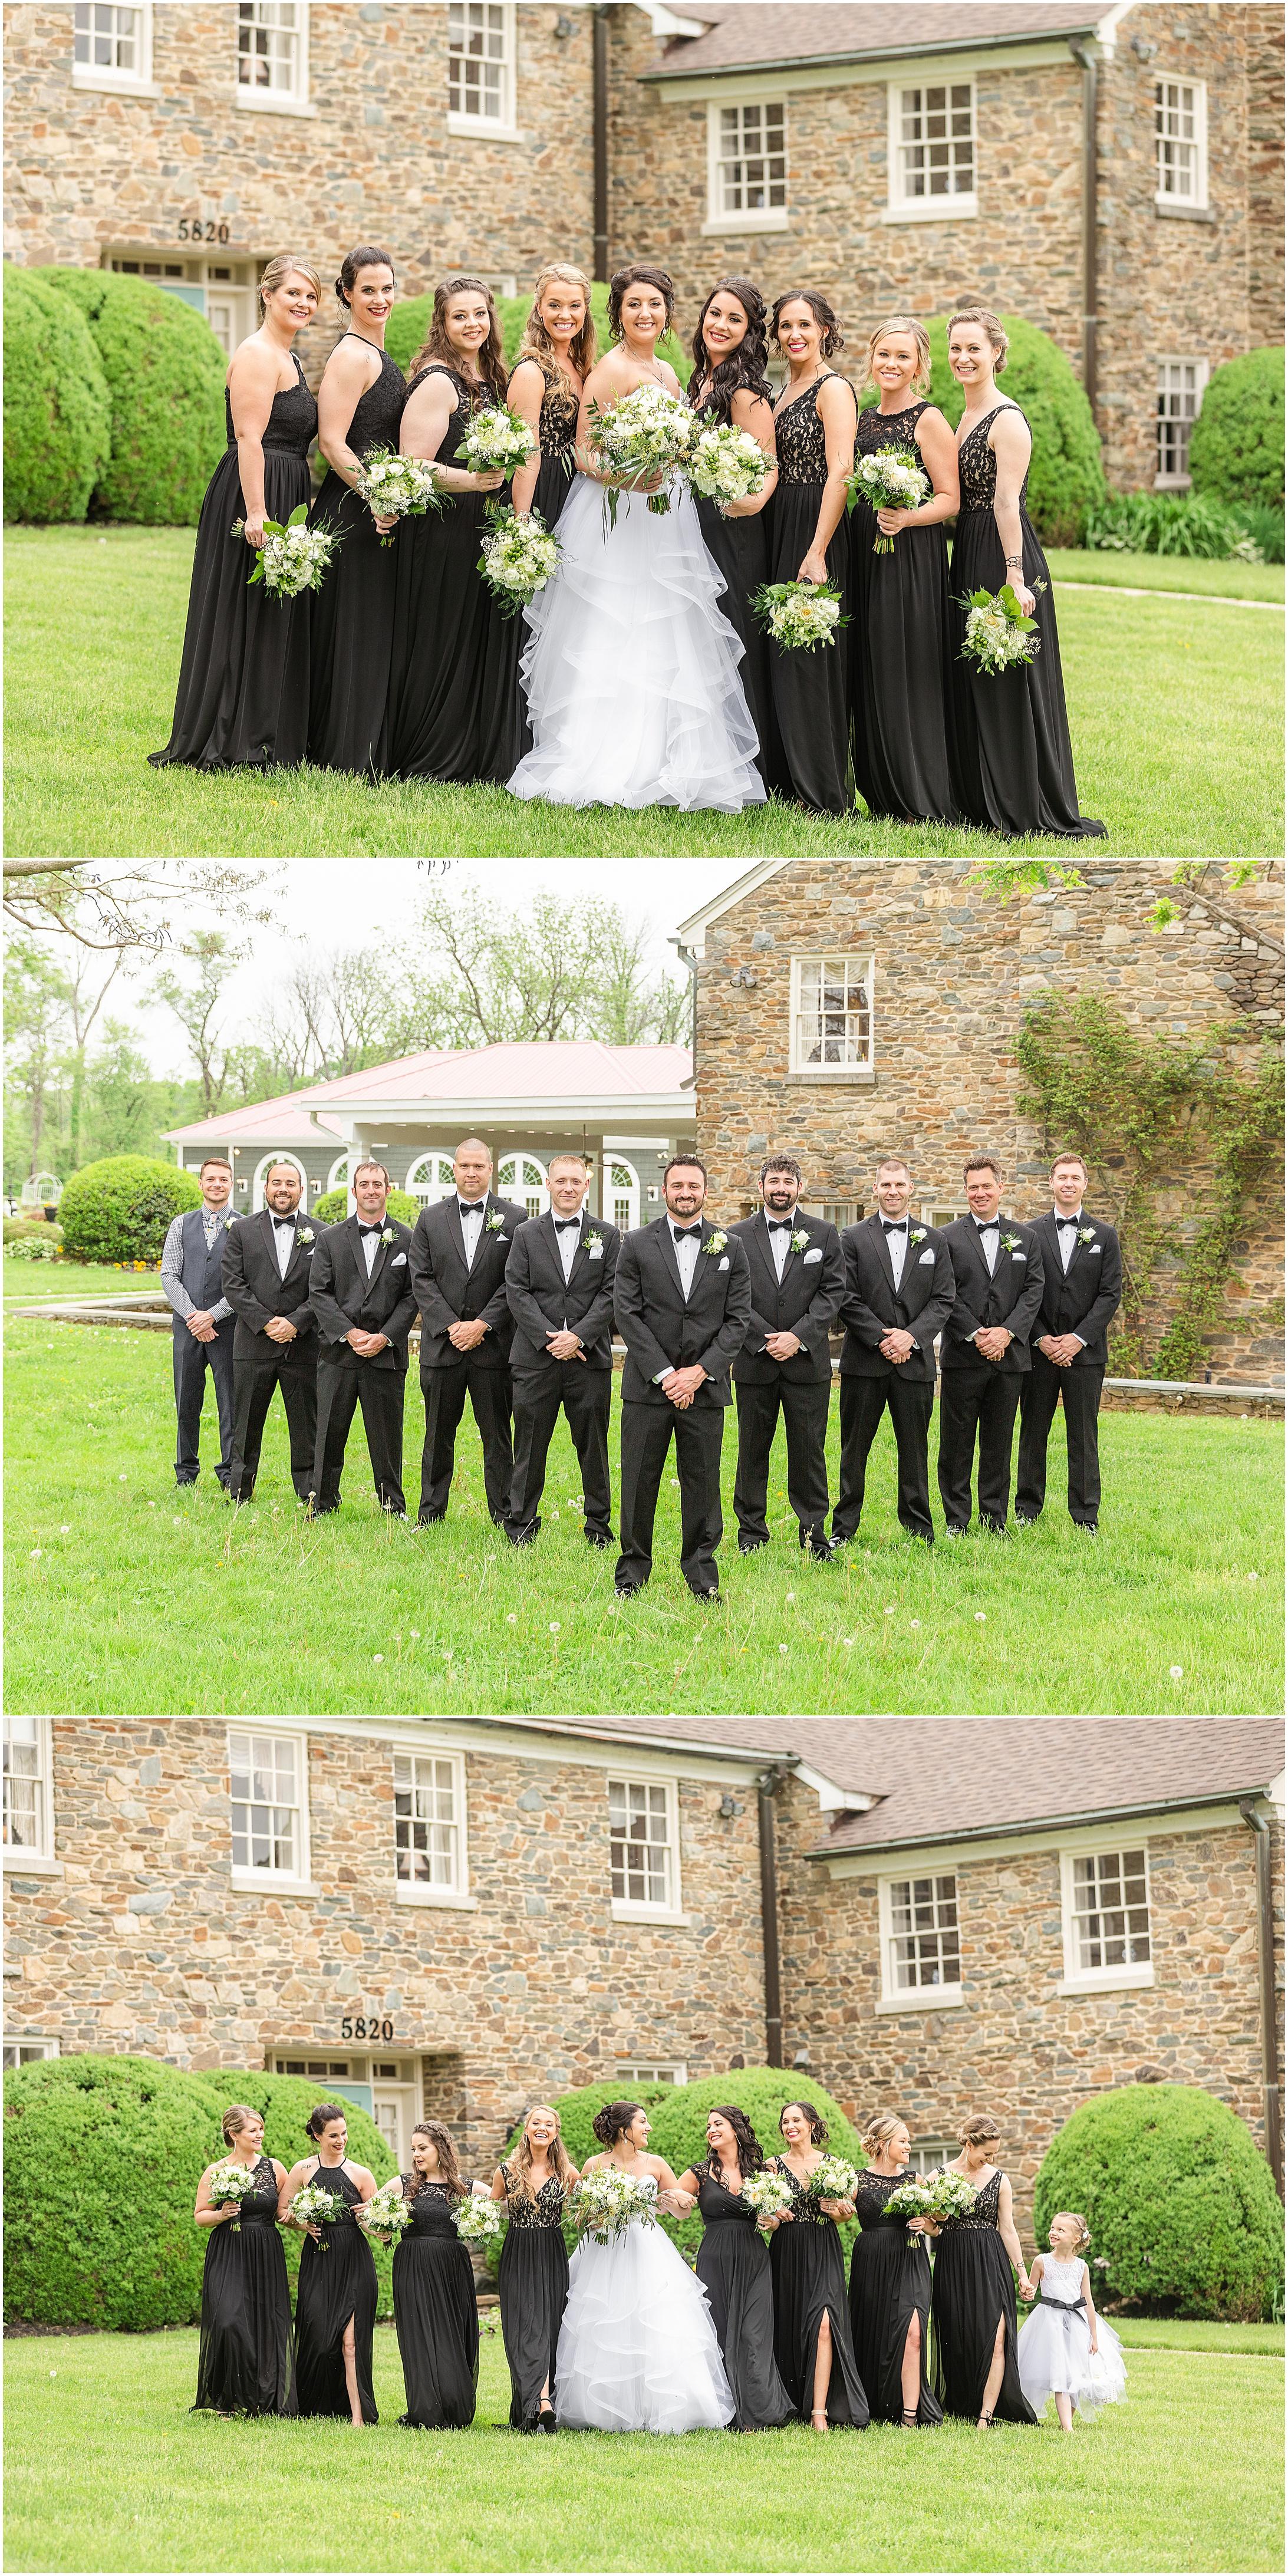 Stone-manor-country-club-wedding-photos-123.jpg